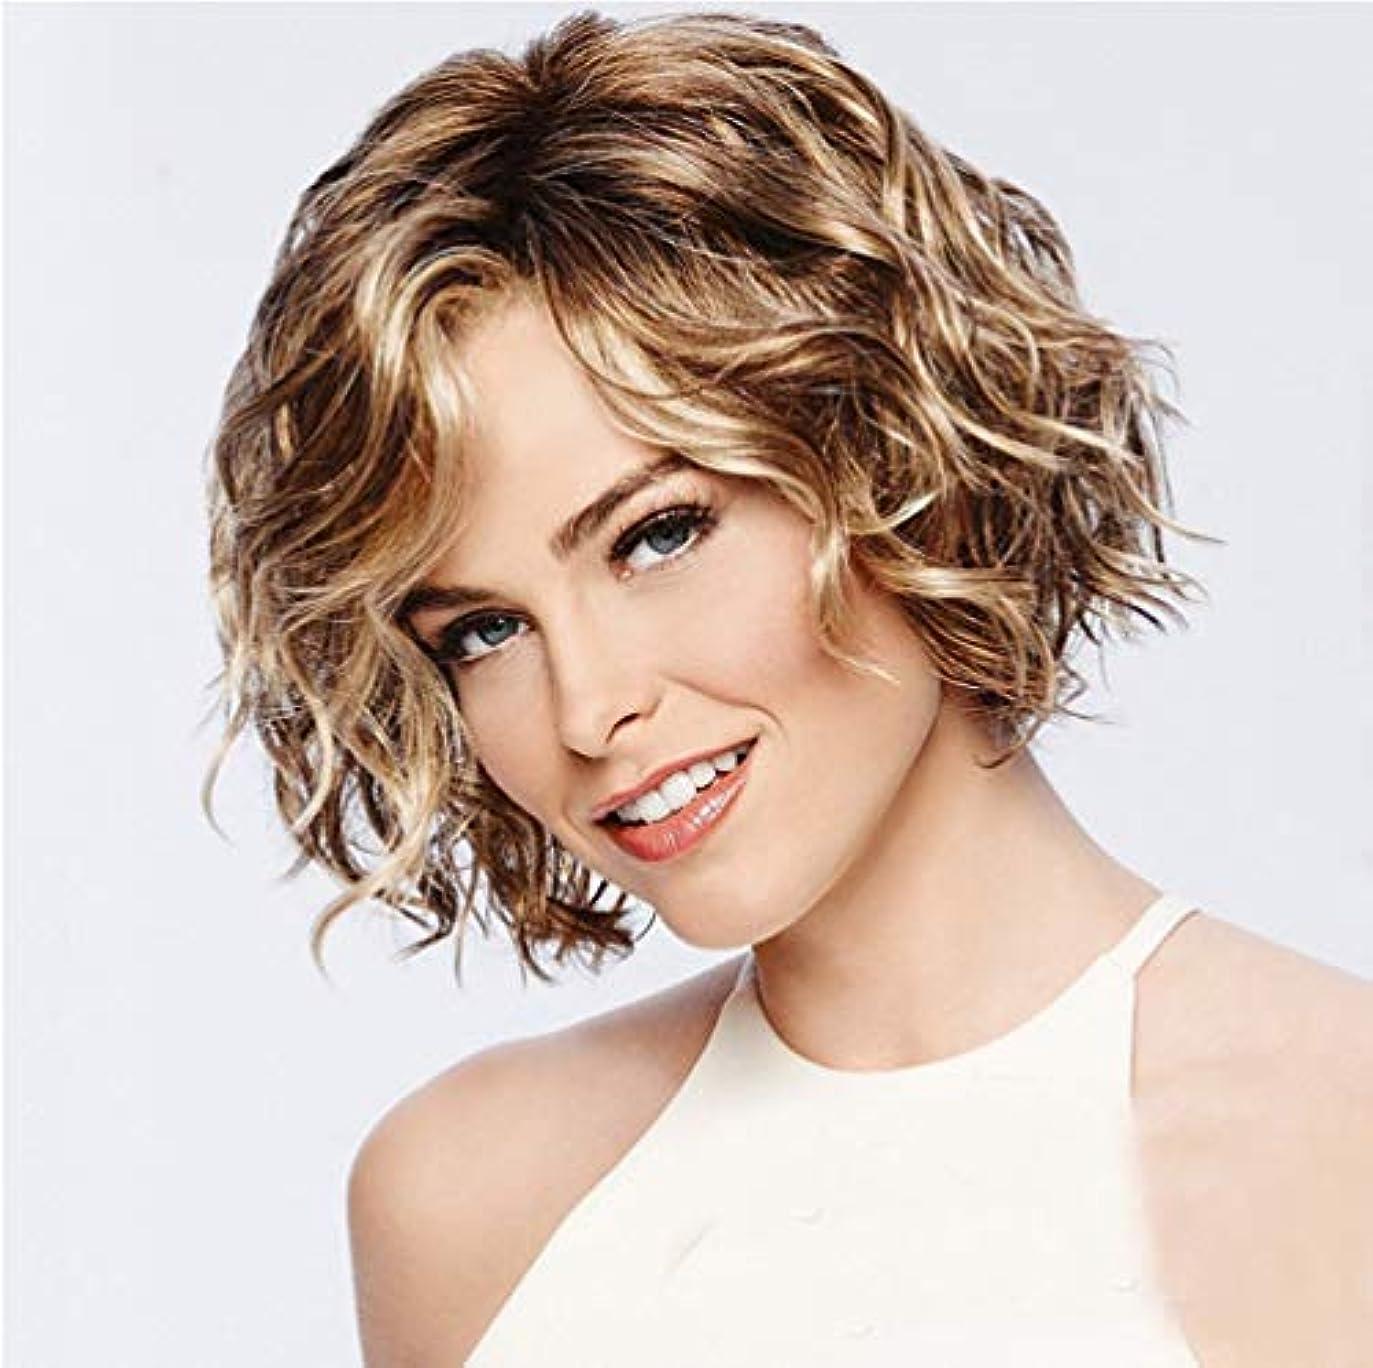 賞賛能力前書きかつら女性ボボカーリー合成耐熱繊維毛魅力的なファッショナブルなかつらゴールデングラデーション28センチ